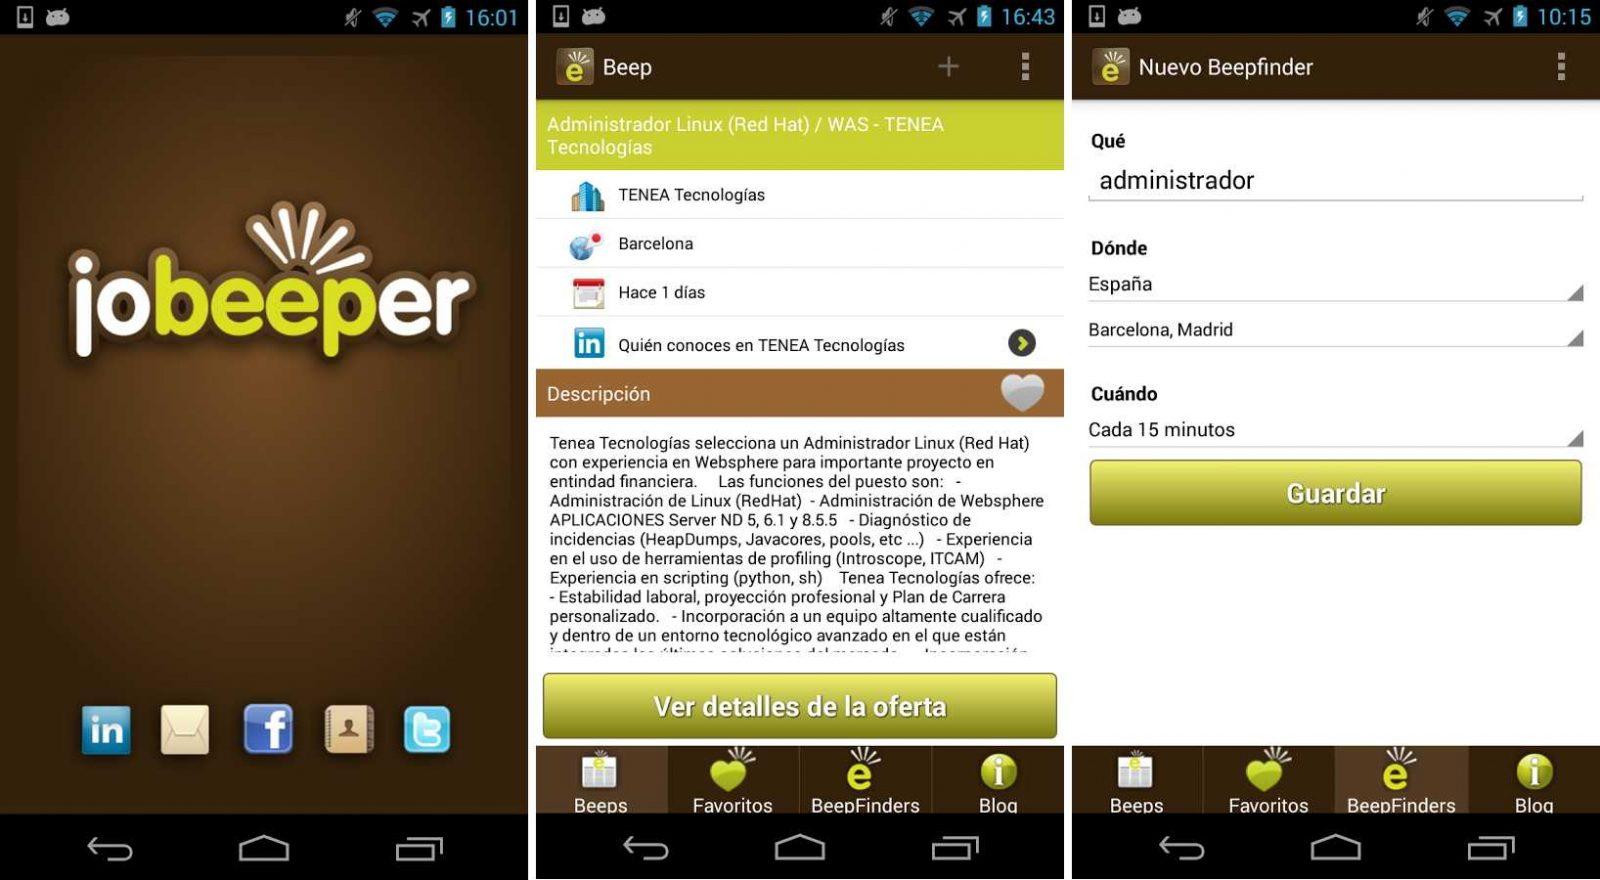 App Jobeeper en Android